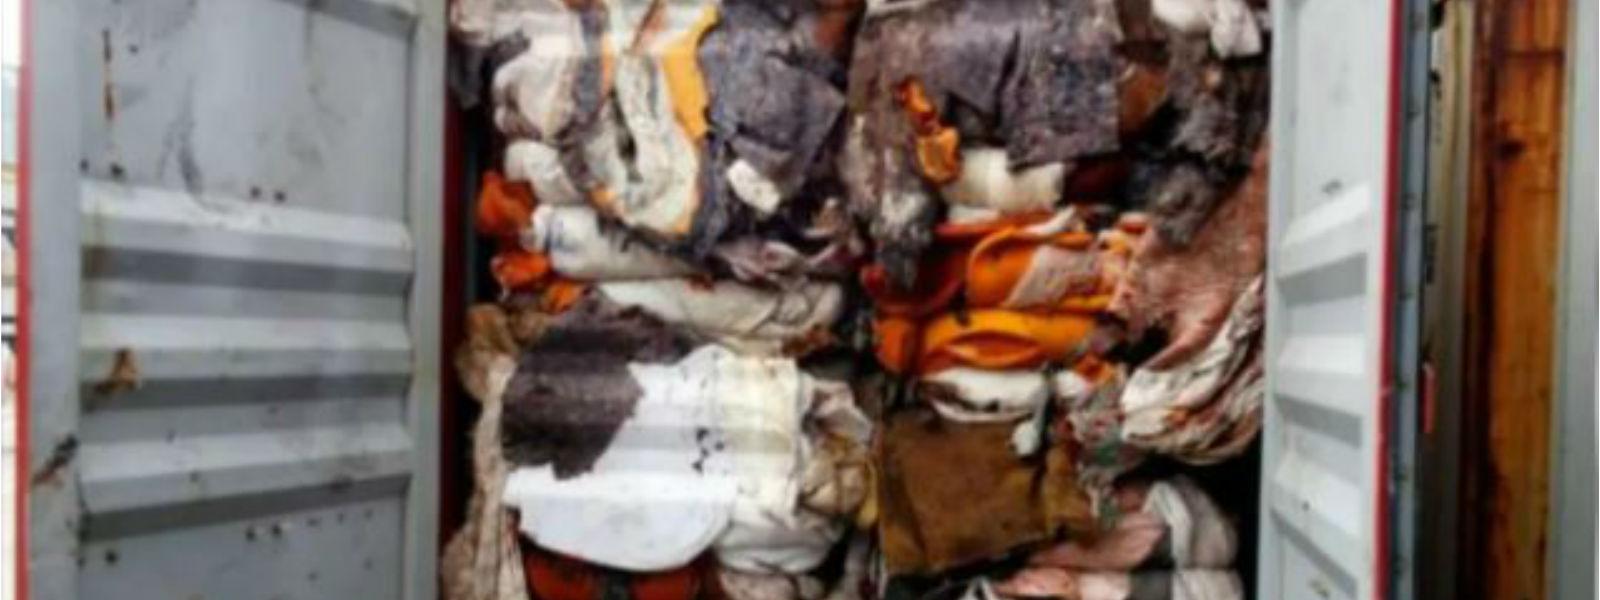 இலங்கைக்கு கழிவுக் கொள்கலன்களை அனுப்பிய நிறுவனத்திடம் இங்கிலாந்து அரசு விசாரணை